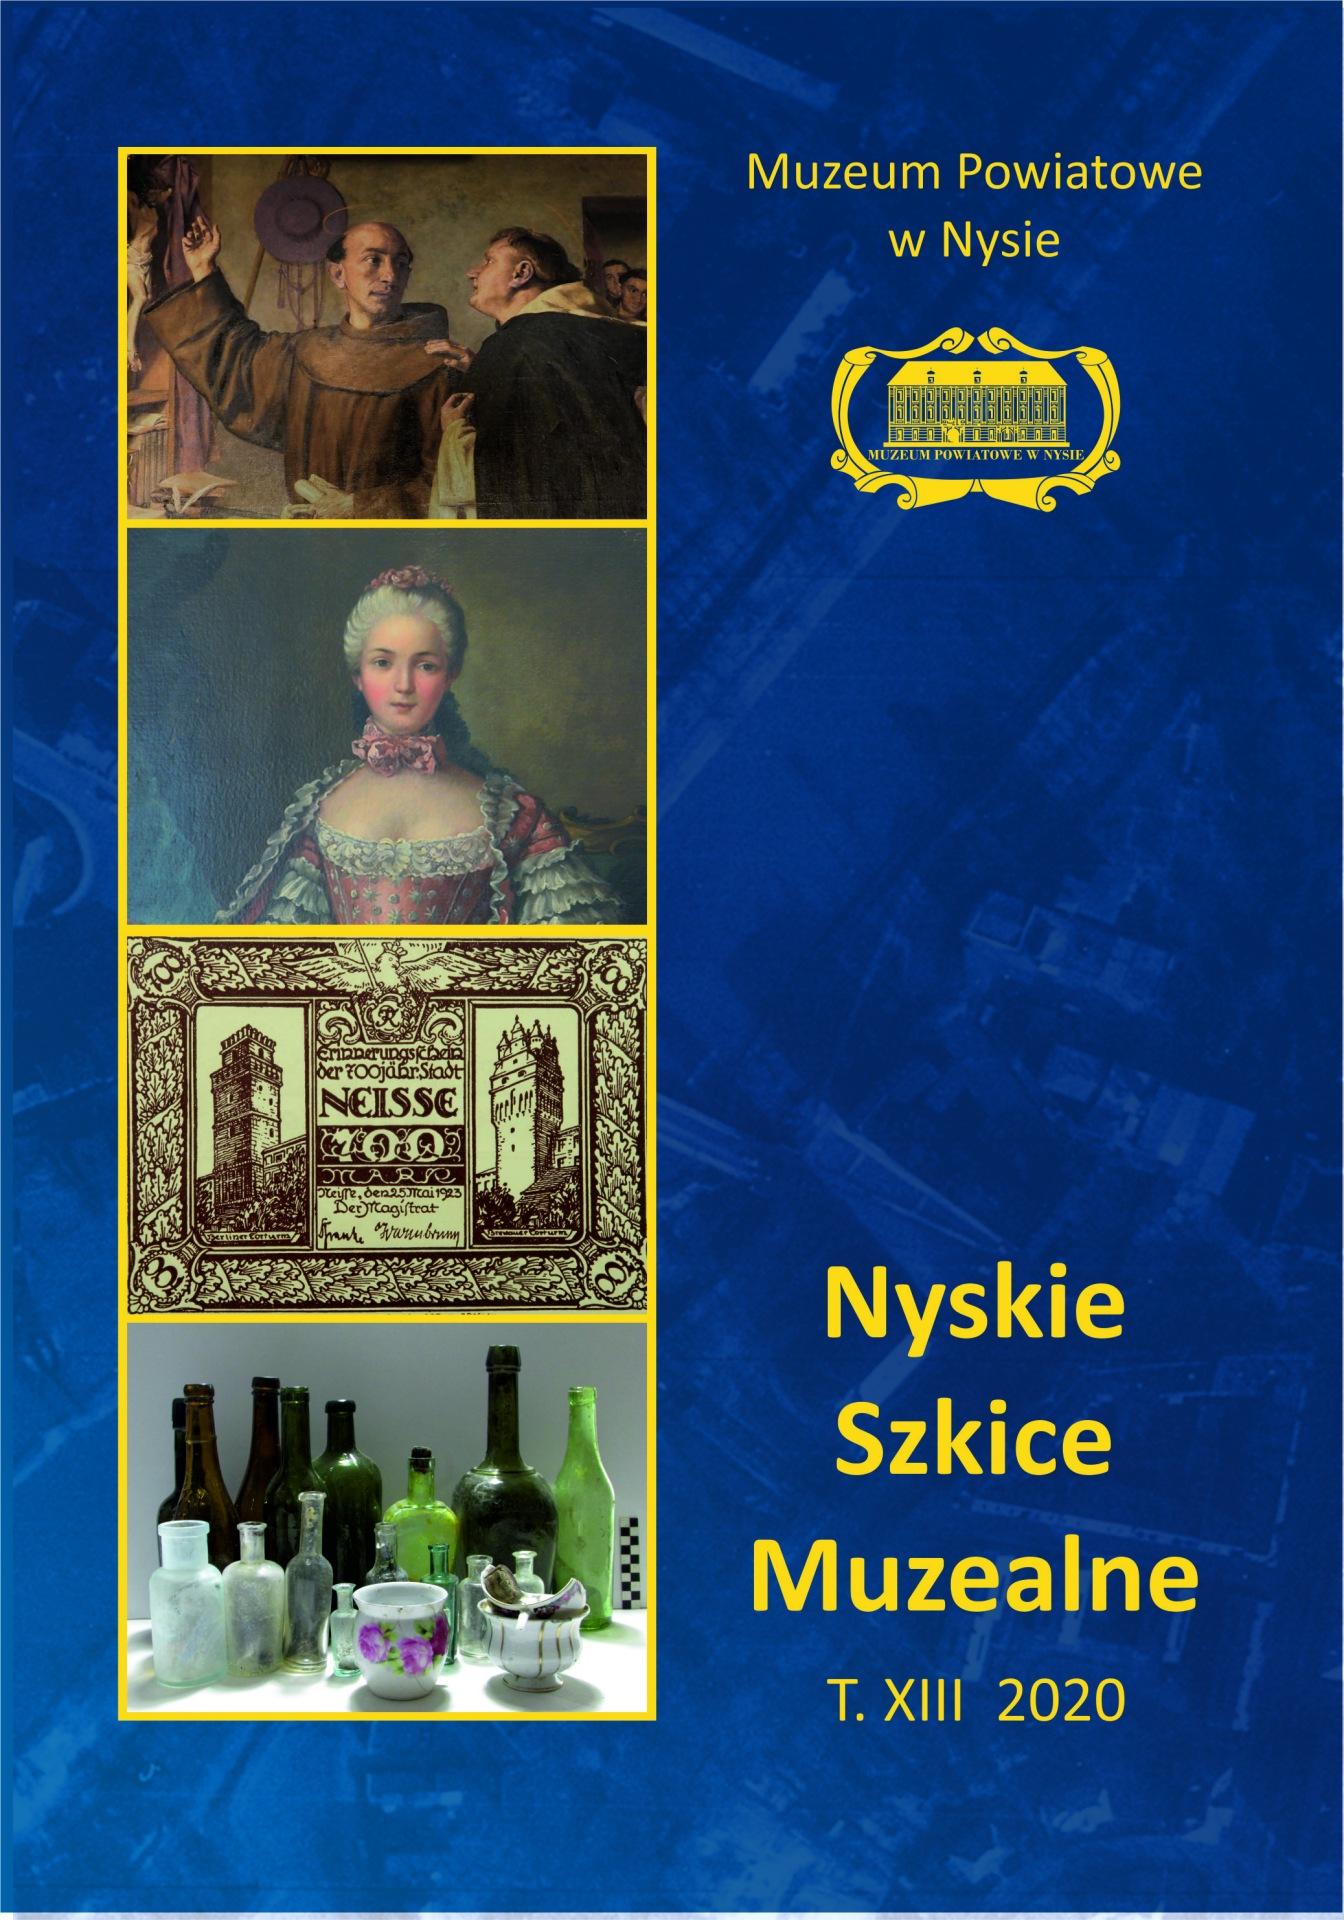 Promocja XIII t. Nyskich Szkiców Muzealnych 2020